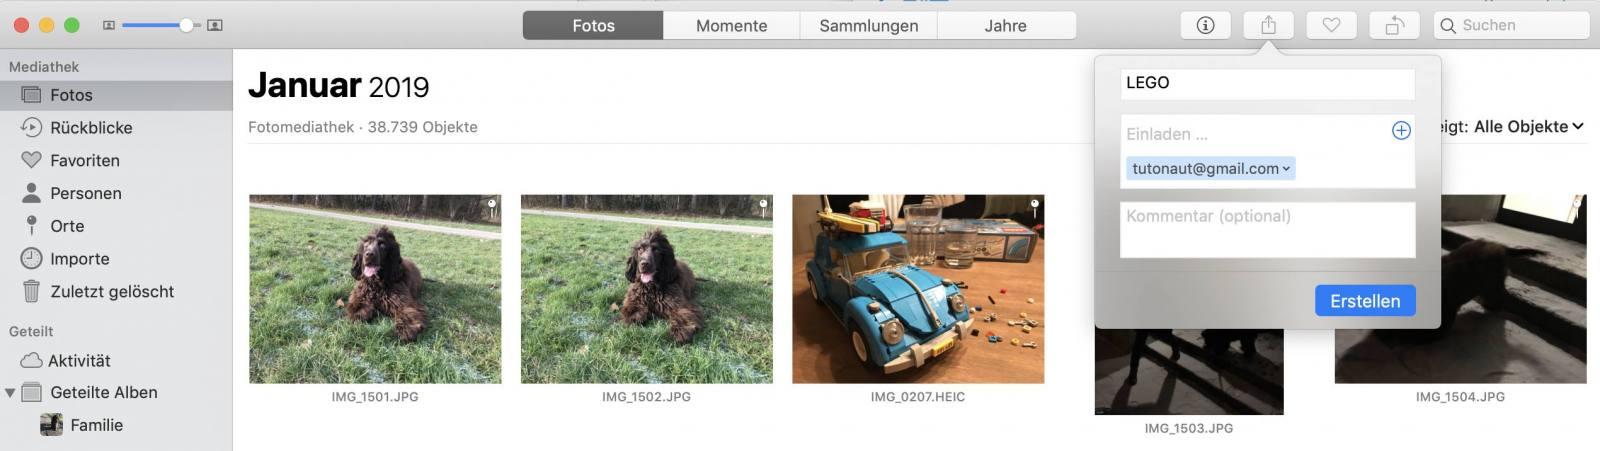 Per iCloud-Fotofreigabe könnt Ihr auch Bilder in Originalgröße teilen.